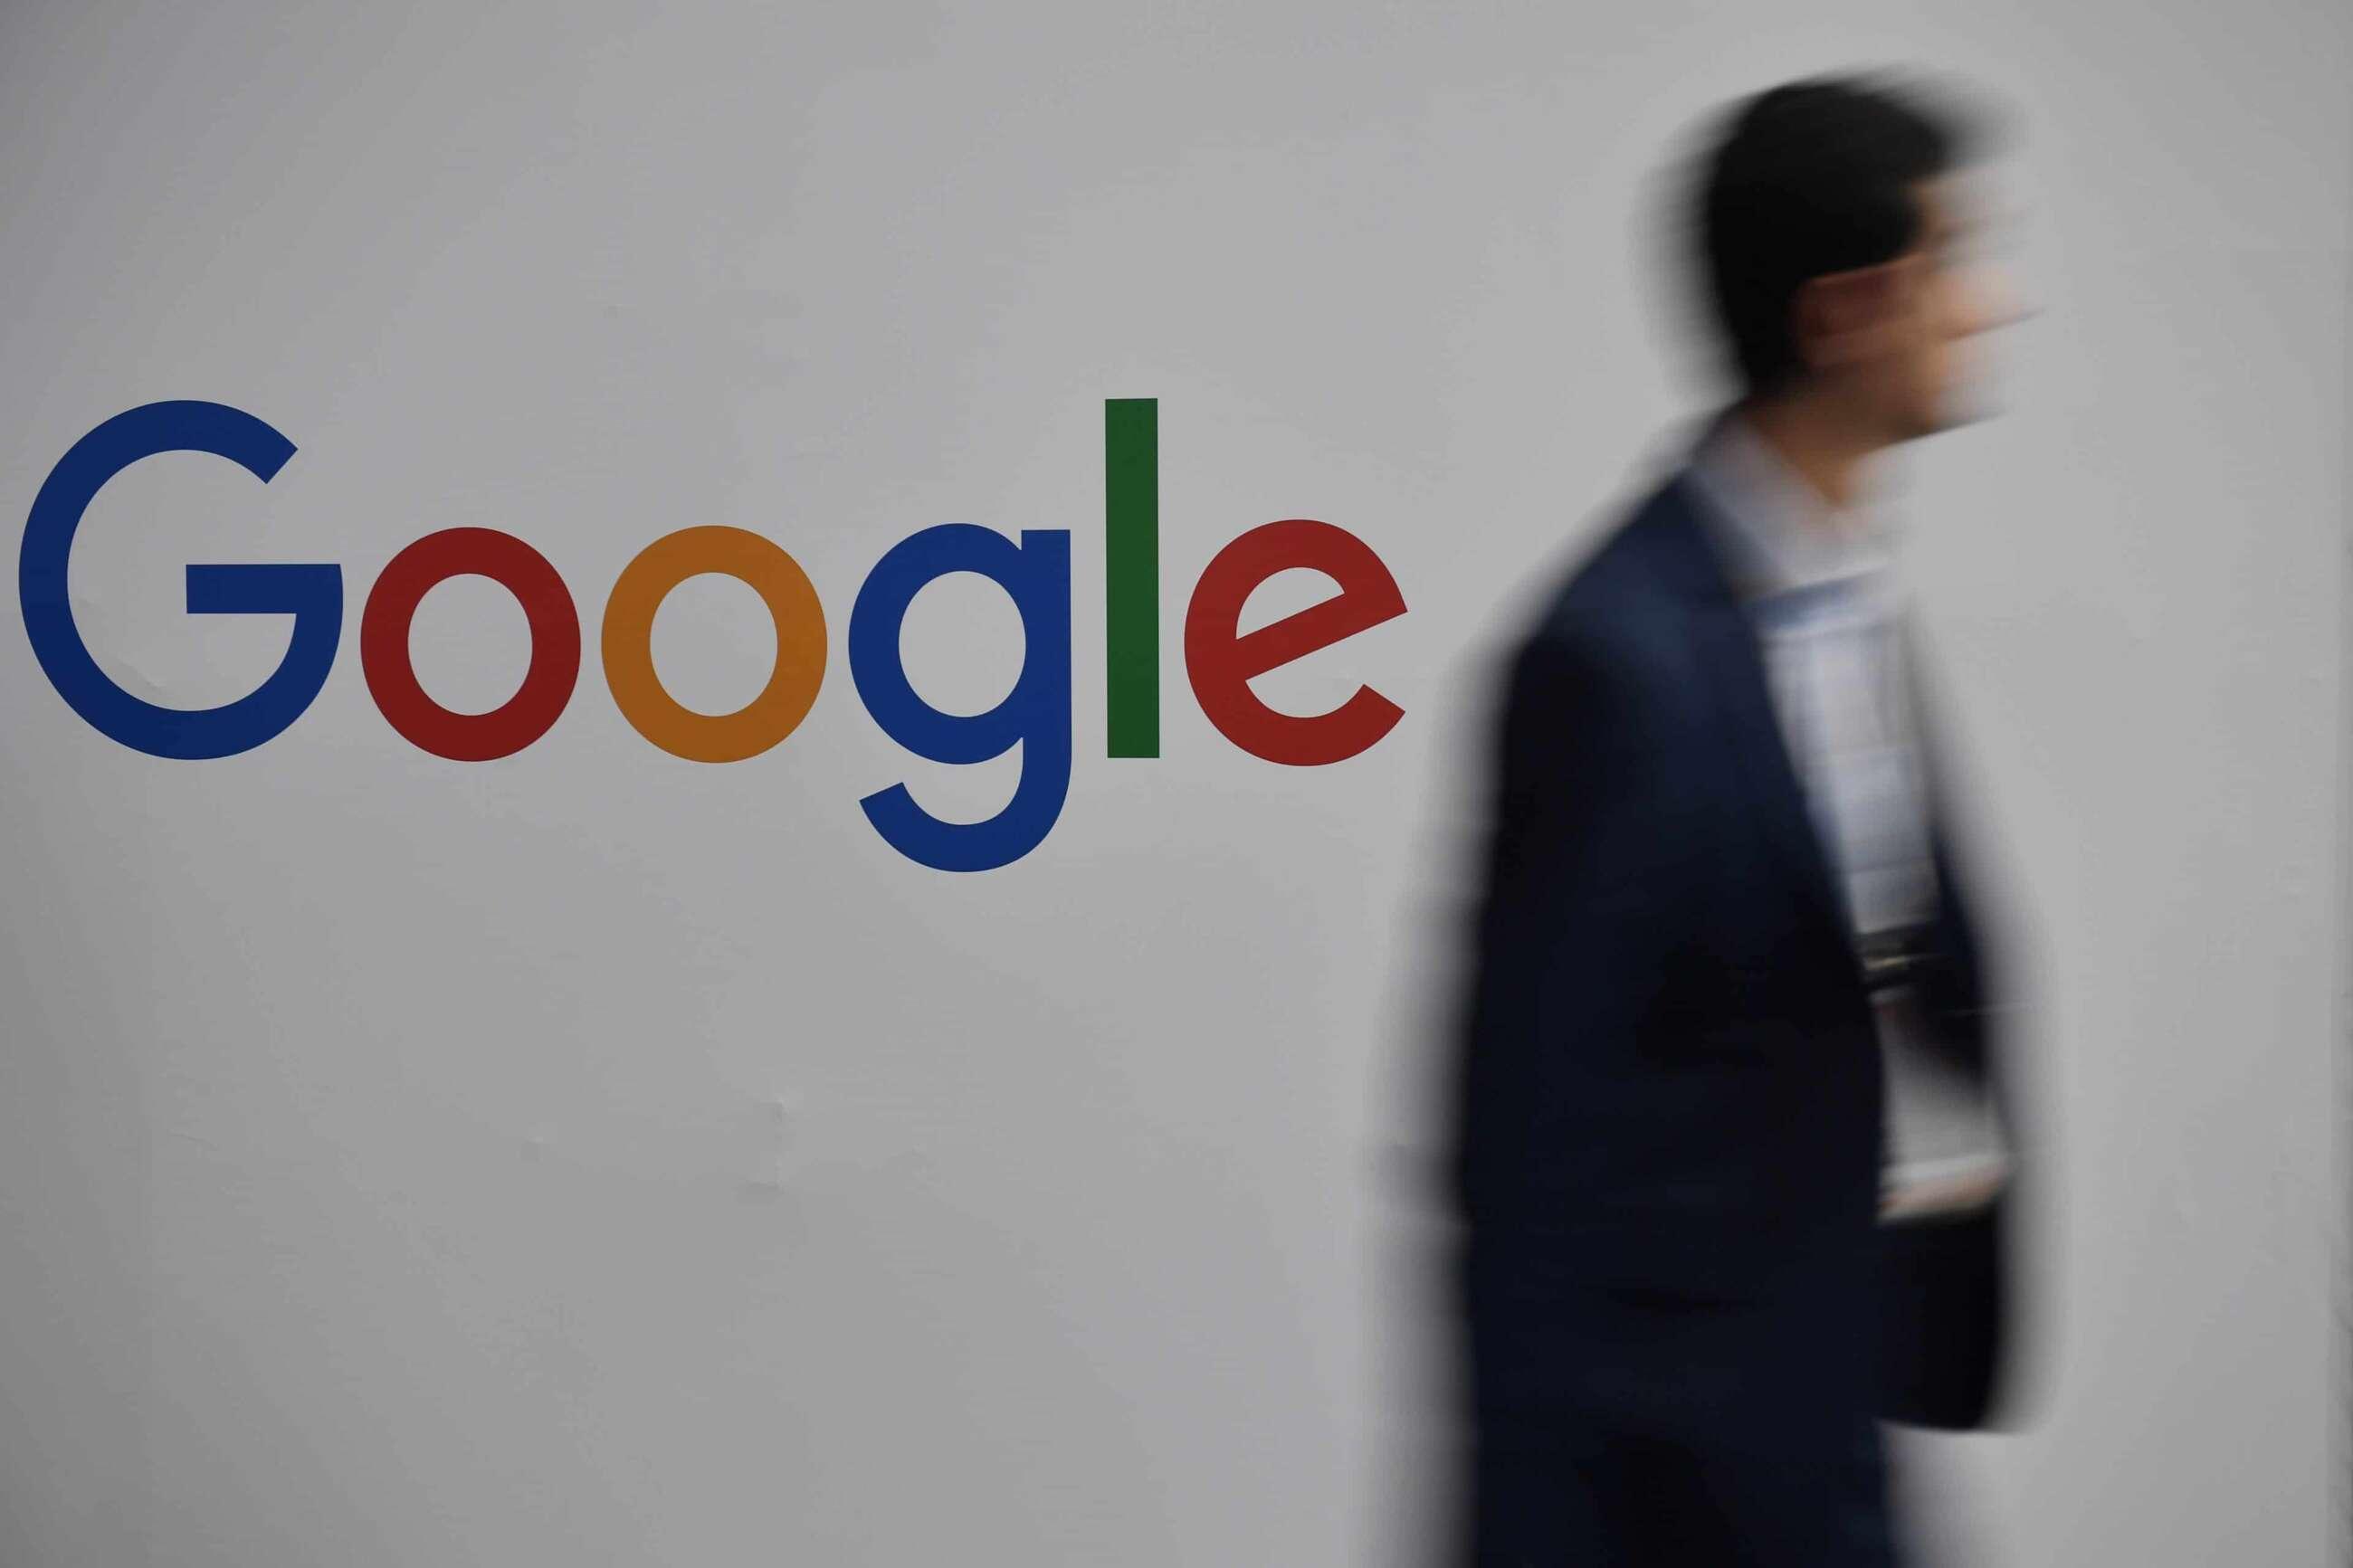 Los expertos creen que Google seguirá acaparando espacio en la nube, pero el exceso de confianza hará que la empresa tenga que ser cuidadosa en otras áreas./ EFE